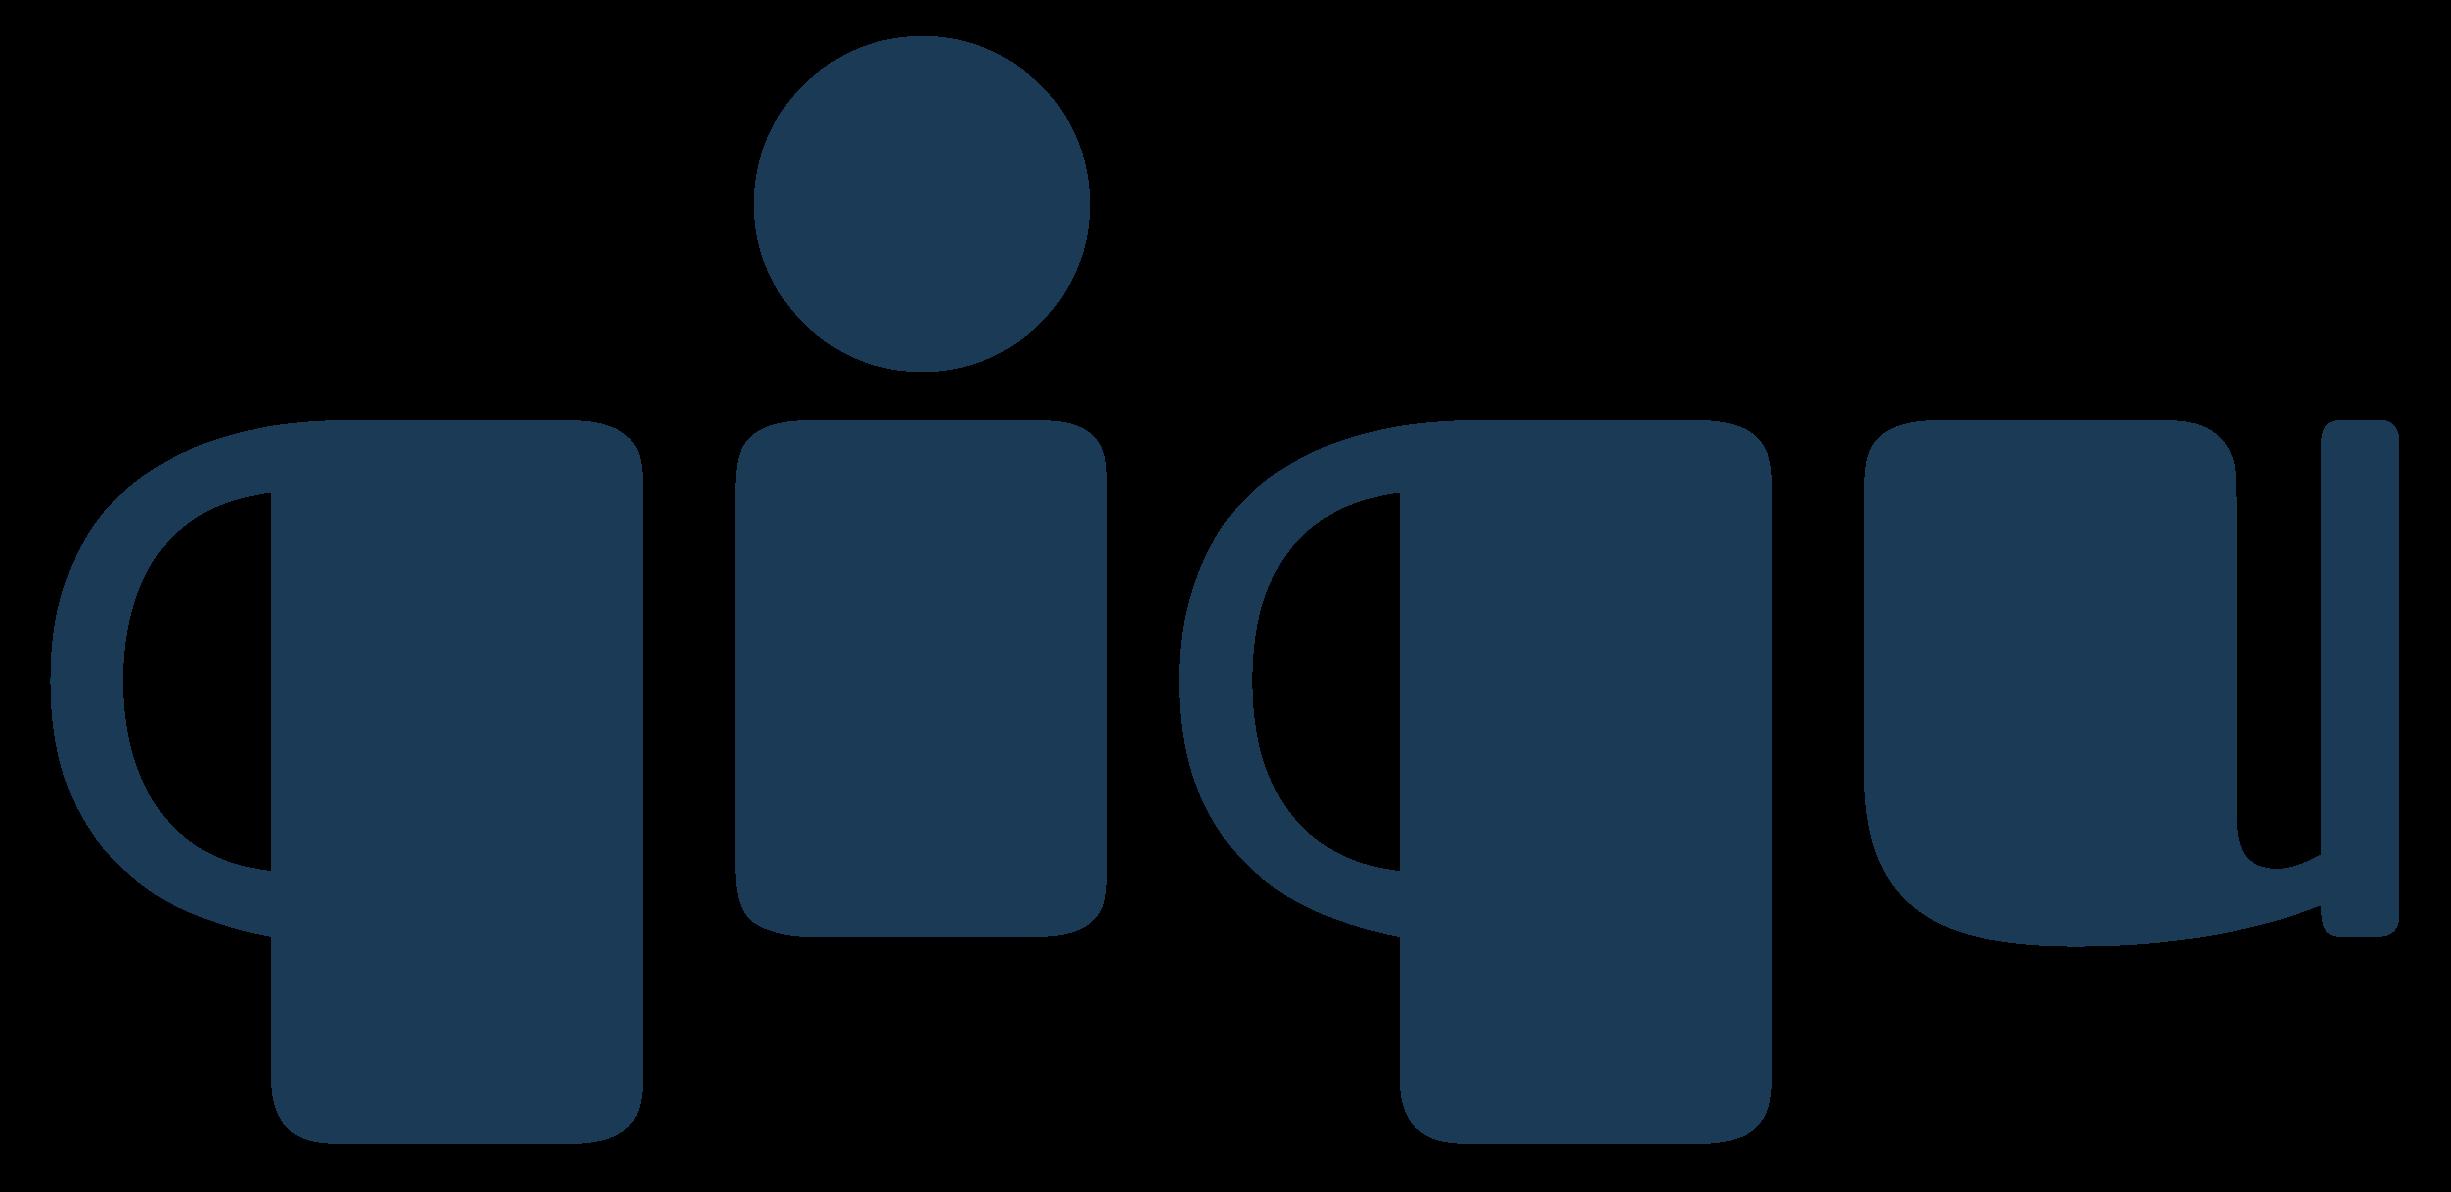 qiqu.org